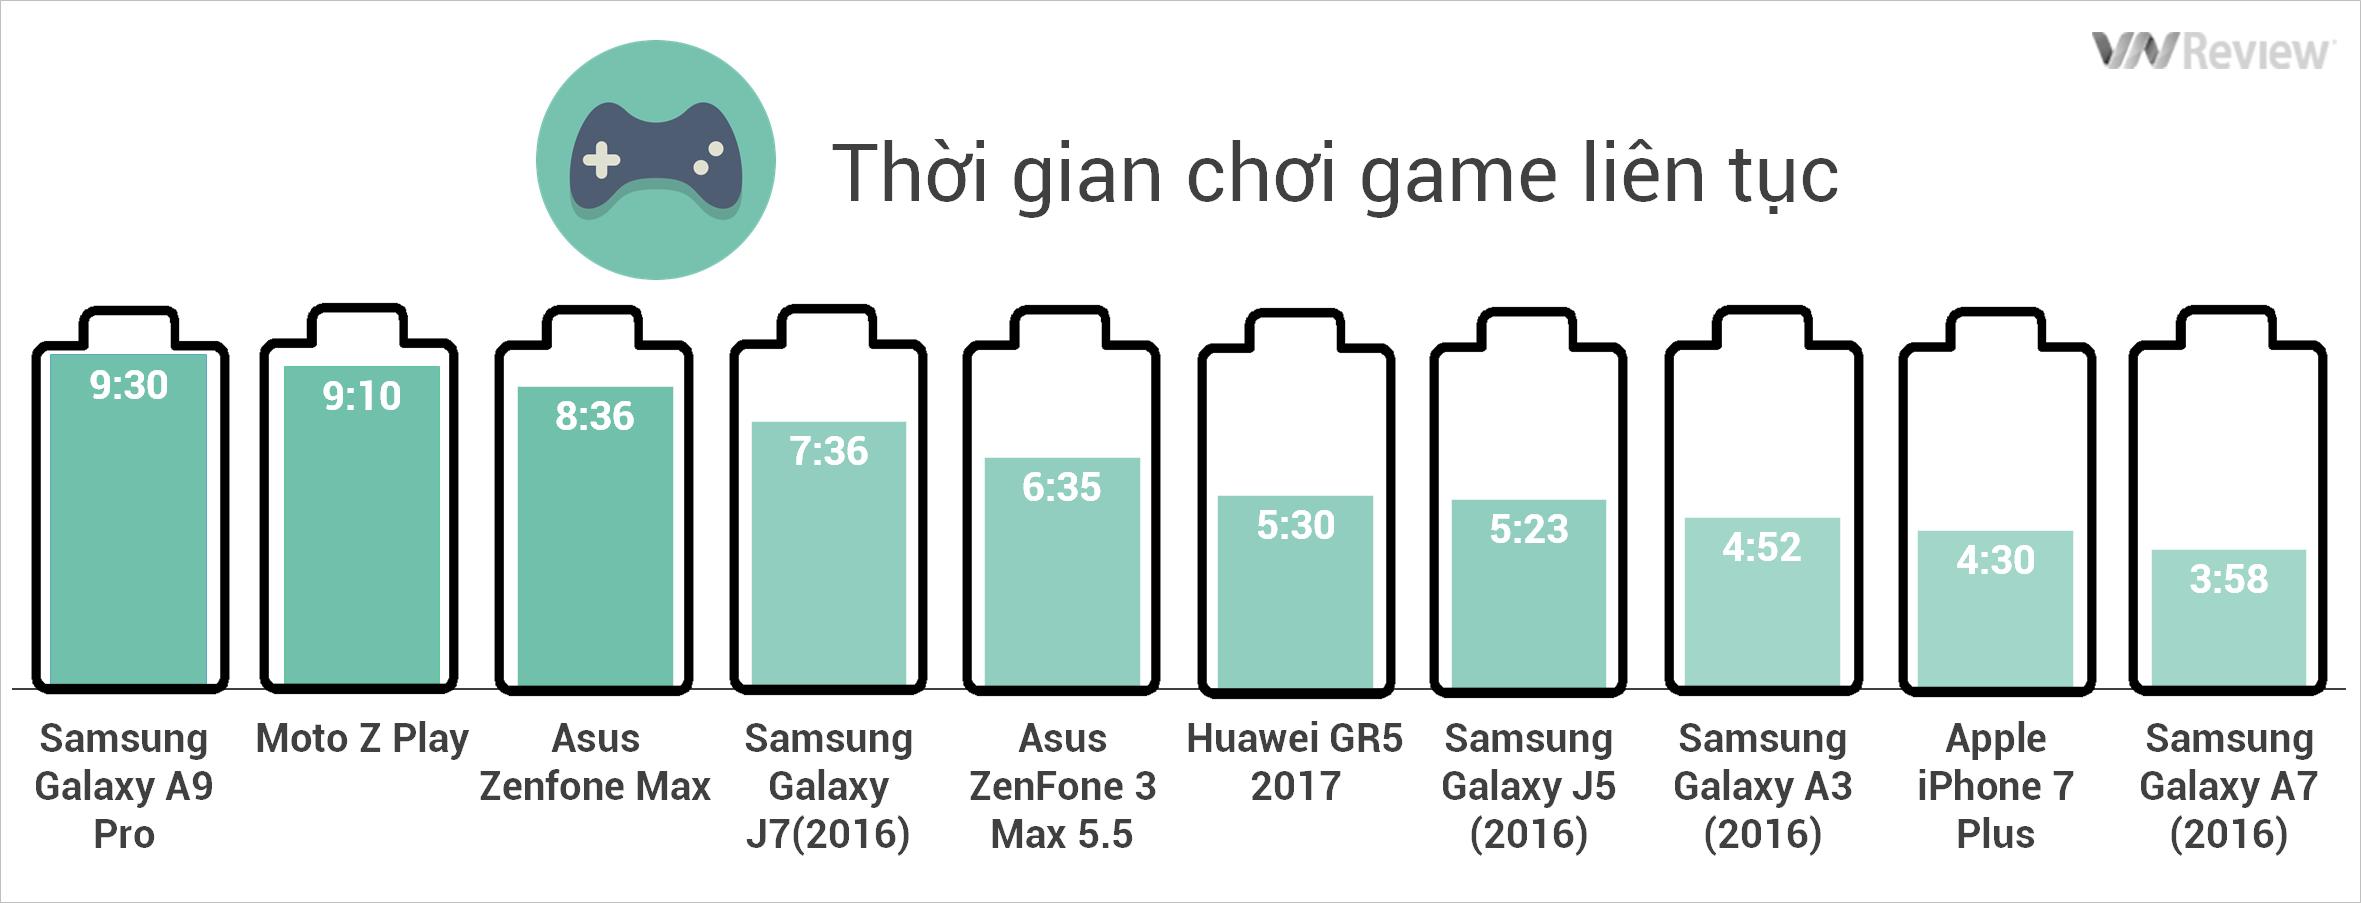 Chơi game giả lập trên phần mềm GFX Bench với độ sáng màn hình khoảng 70% cũng tính từ lúc pin đầy đến khi còn 10% thì dừng.